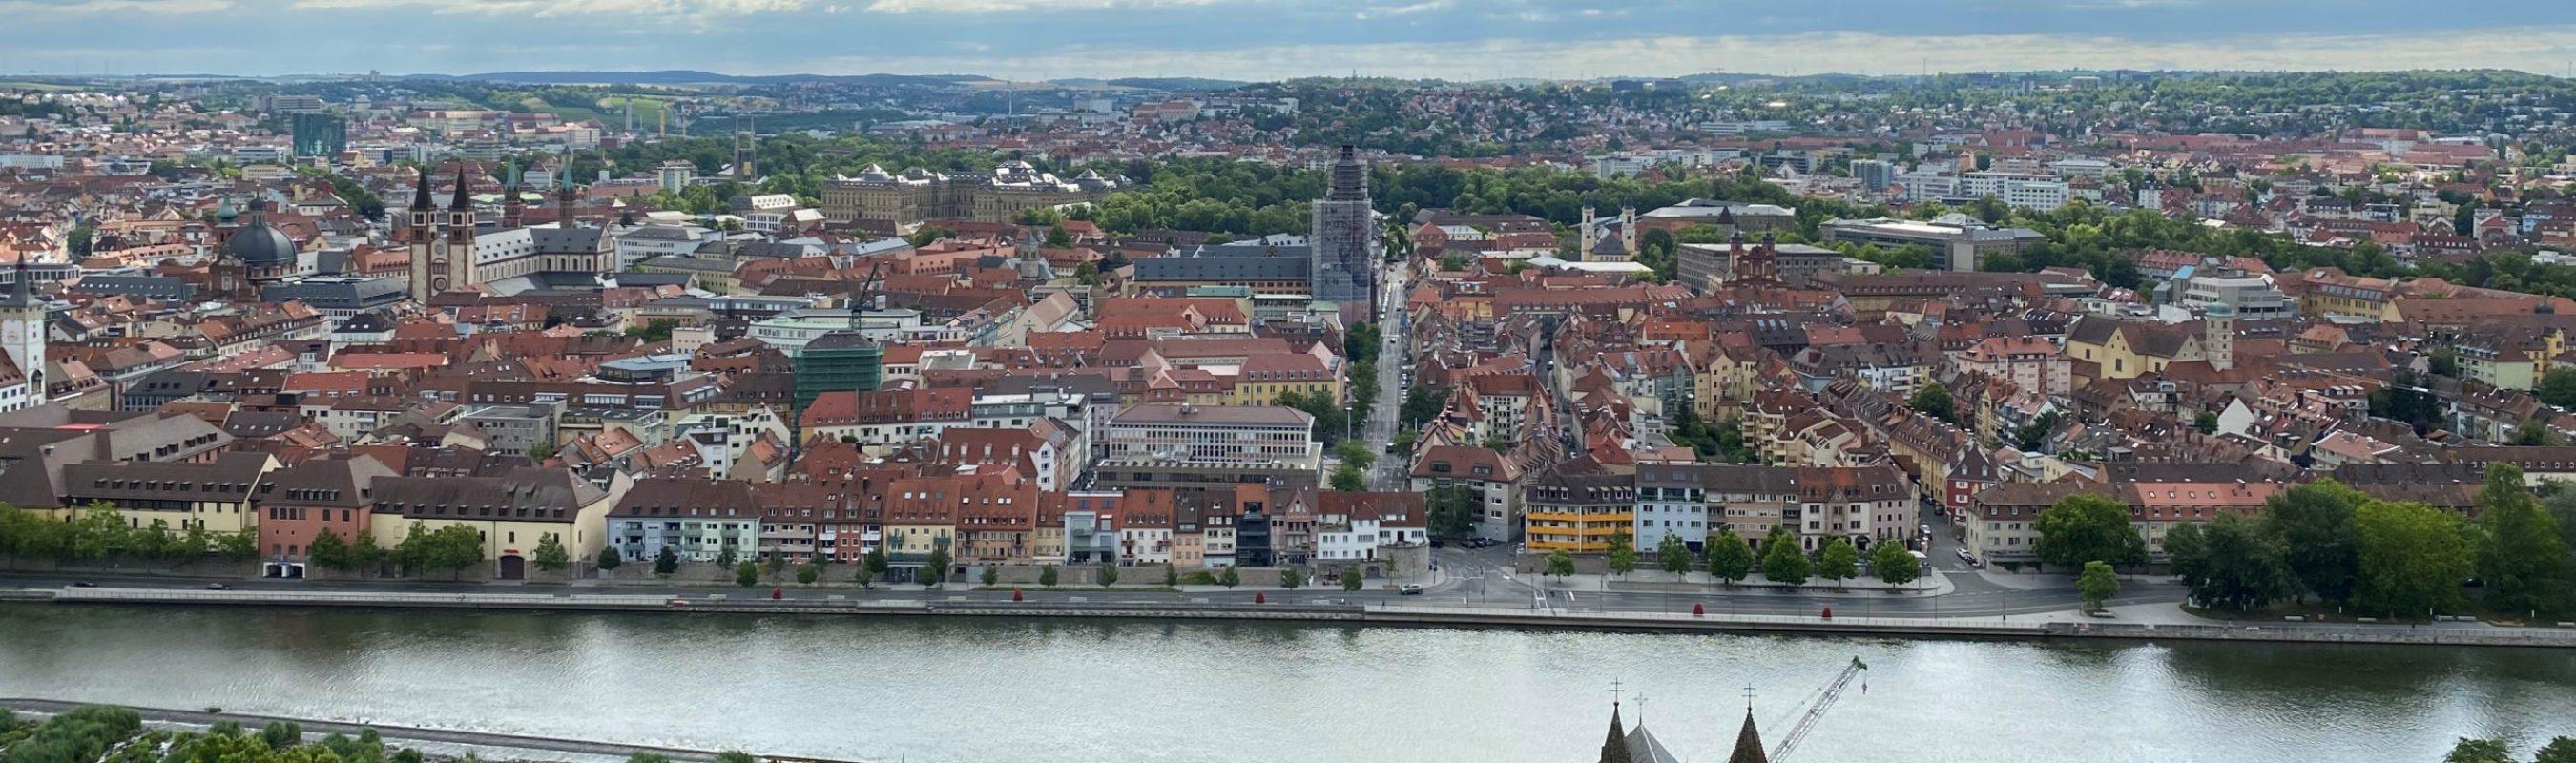 Würzburger Innenstadt